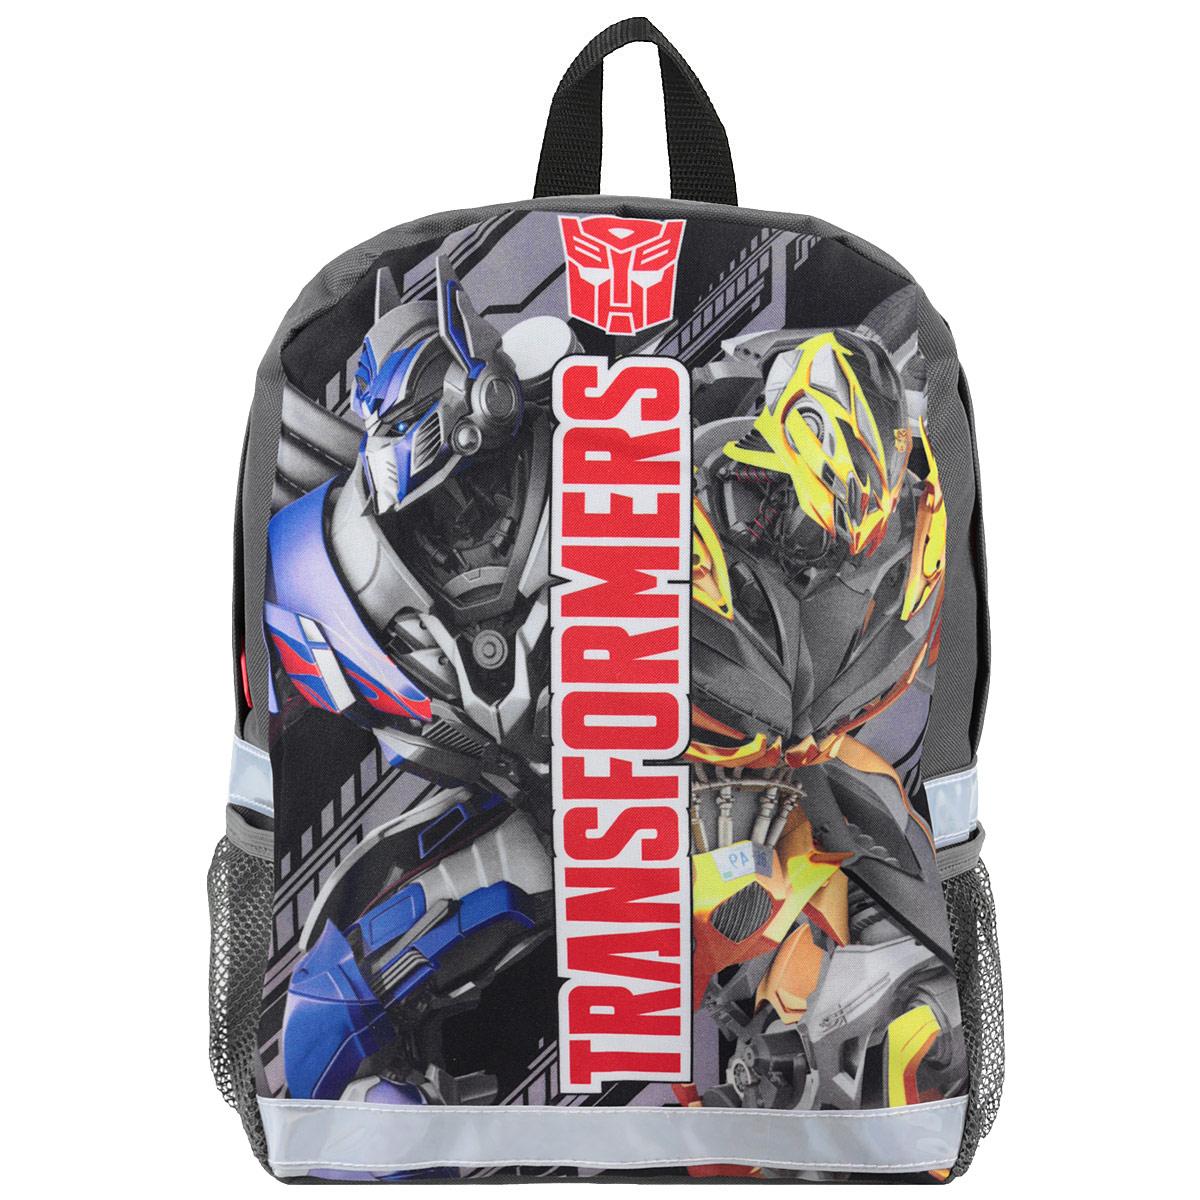 """Рюкзак детский """"Transformers Prime"""", цвет: серый, черный. TRCB-UT4-566"""